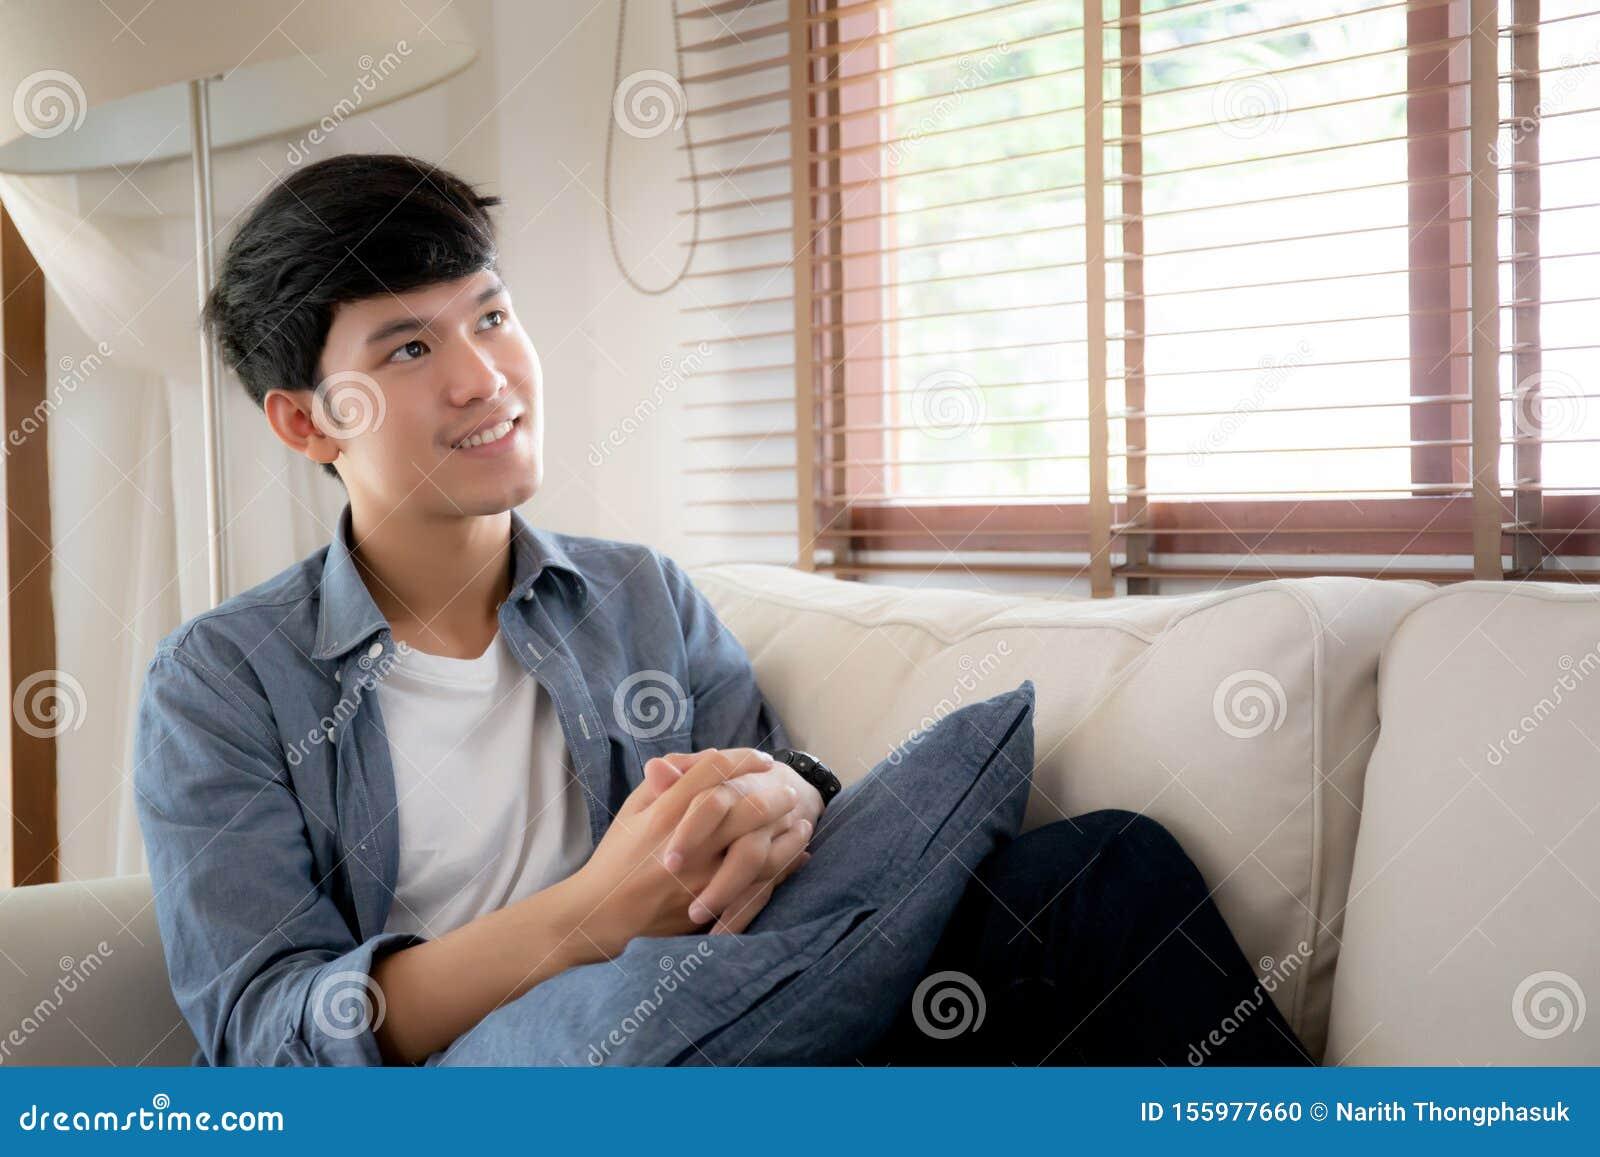 Portrait Junge, Gut Aussehende Asianinnen, Die Sich